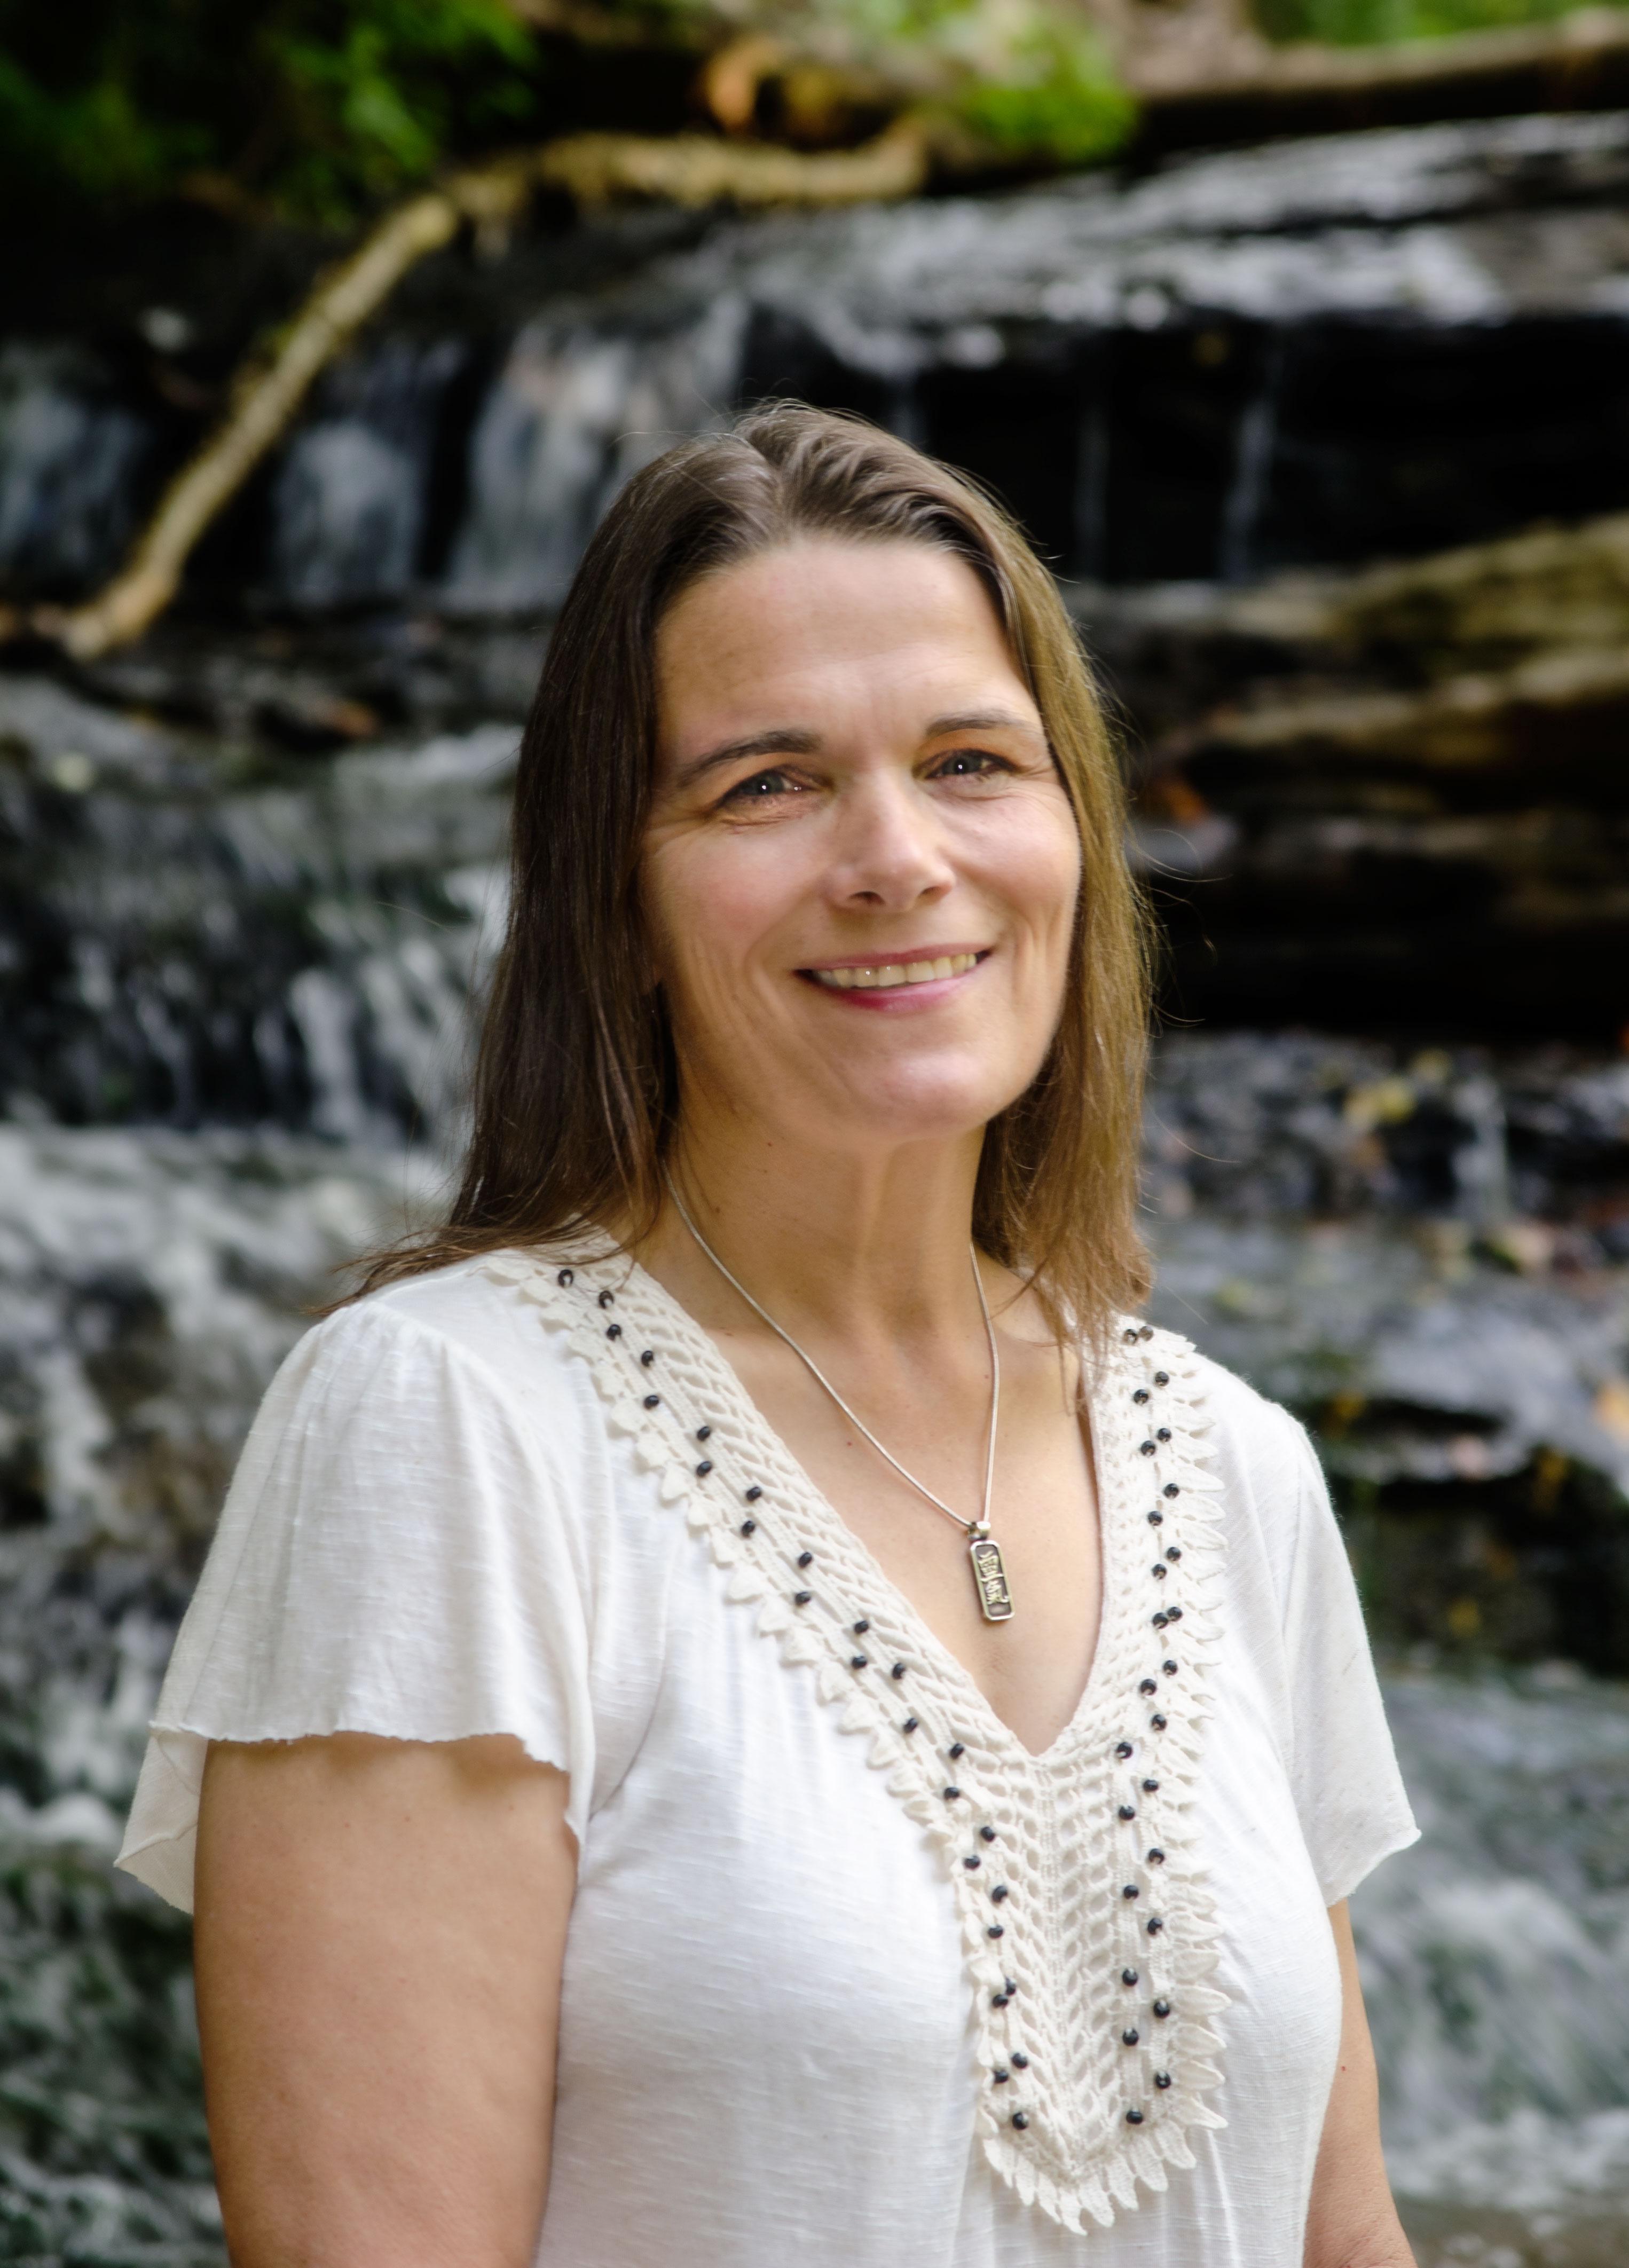 Susan Westbrook